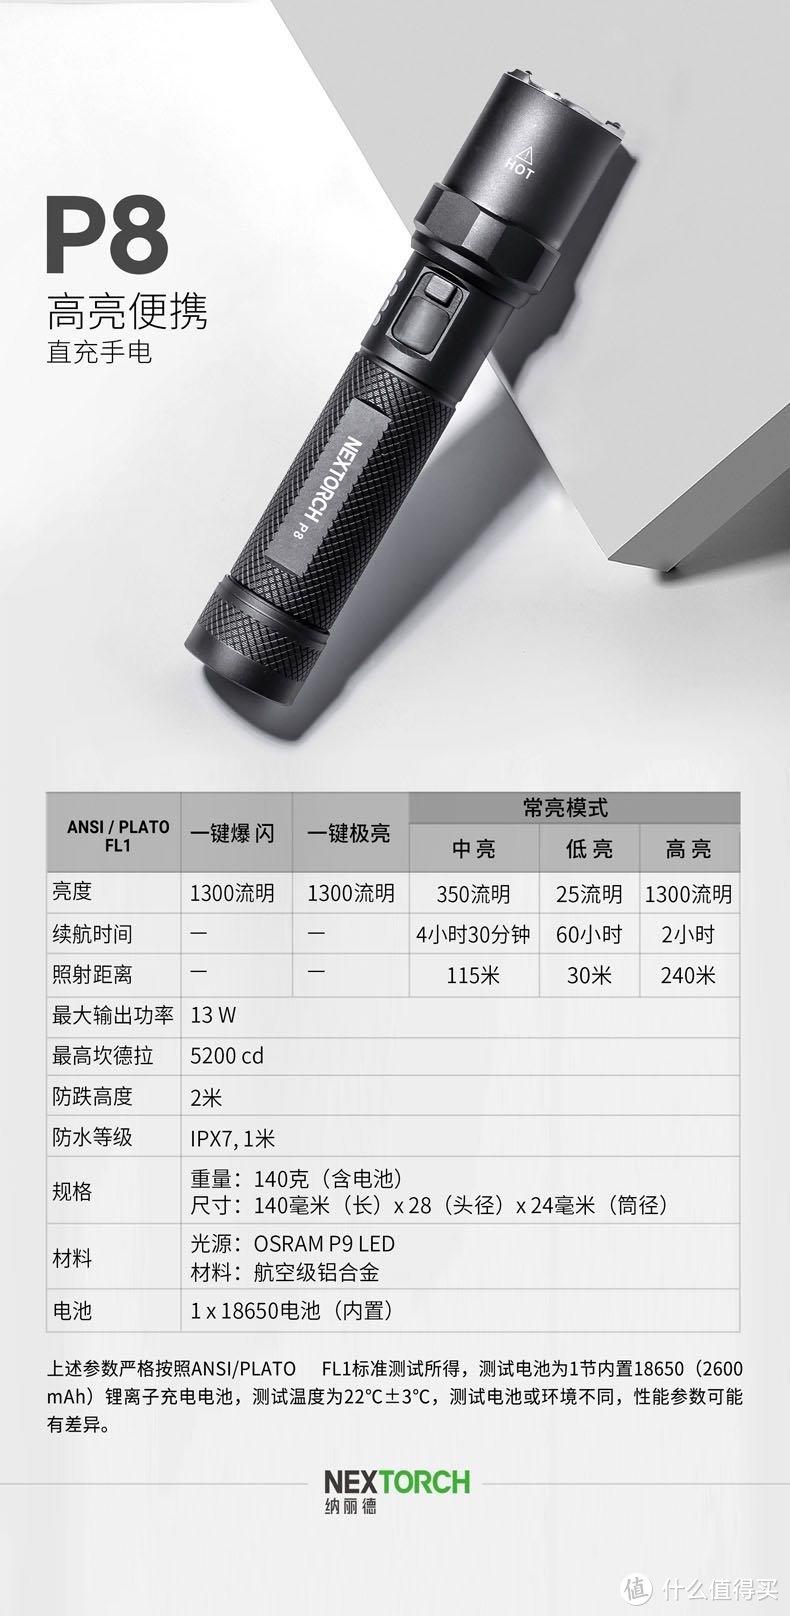 经济实用小而强大——纳丽德P8便携强光手电筒开箱评测